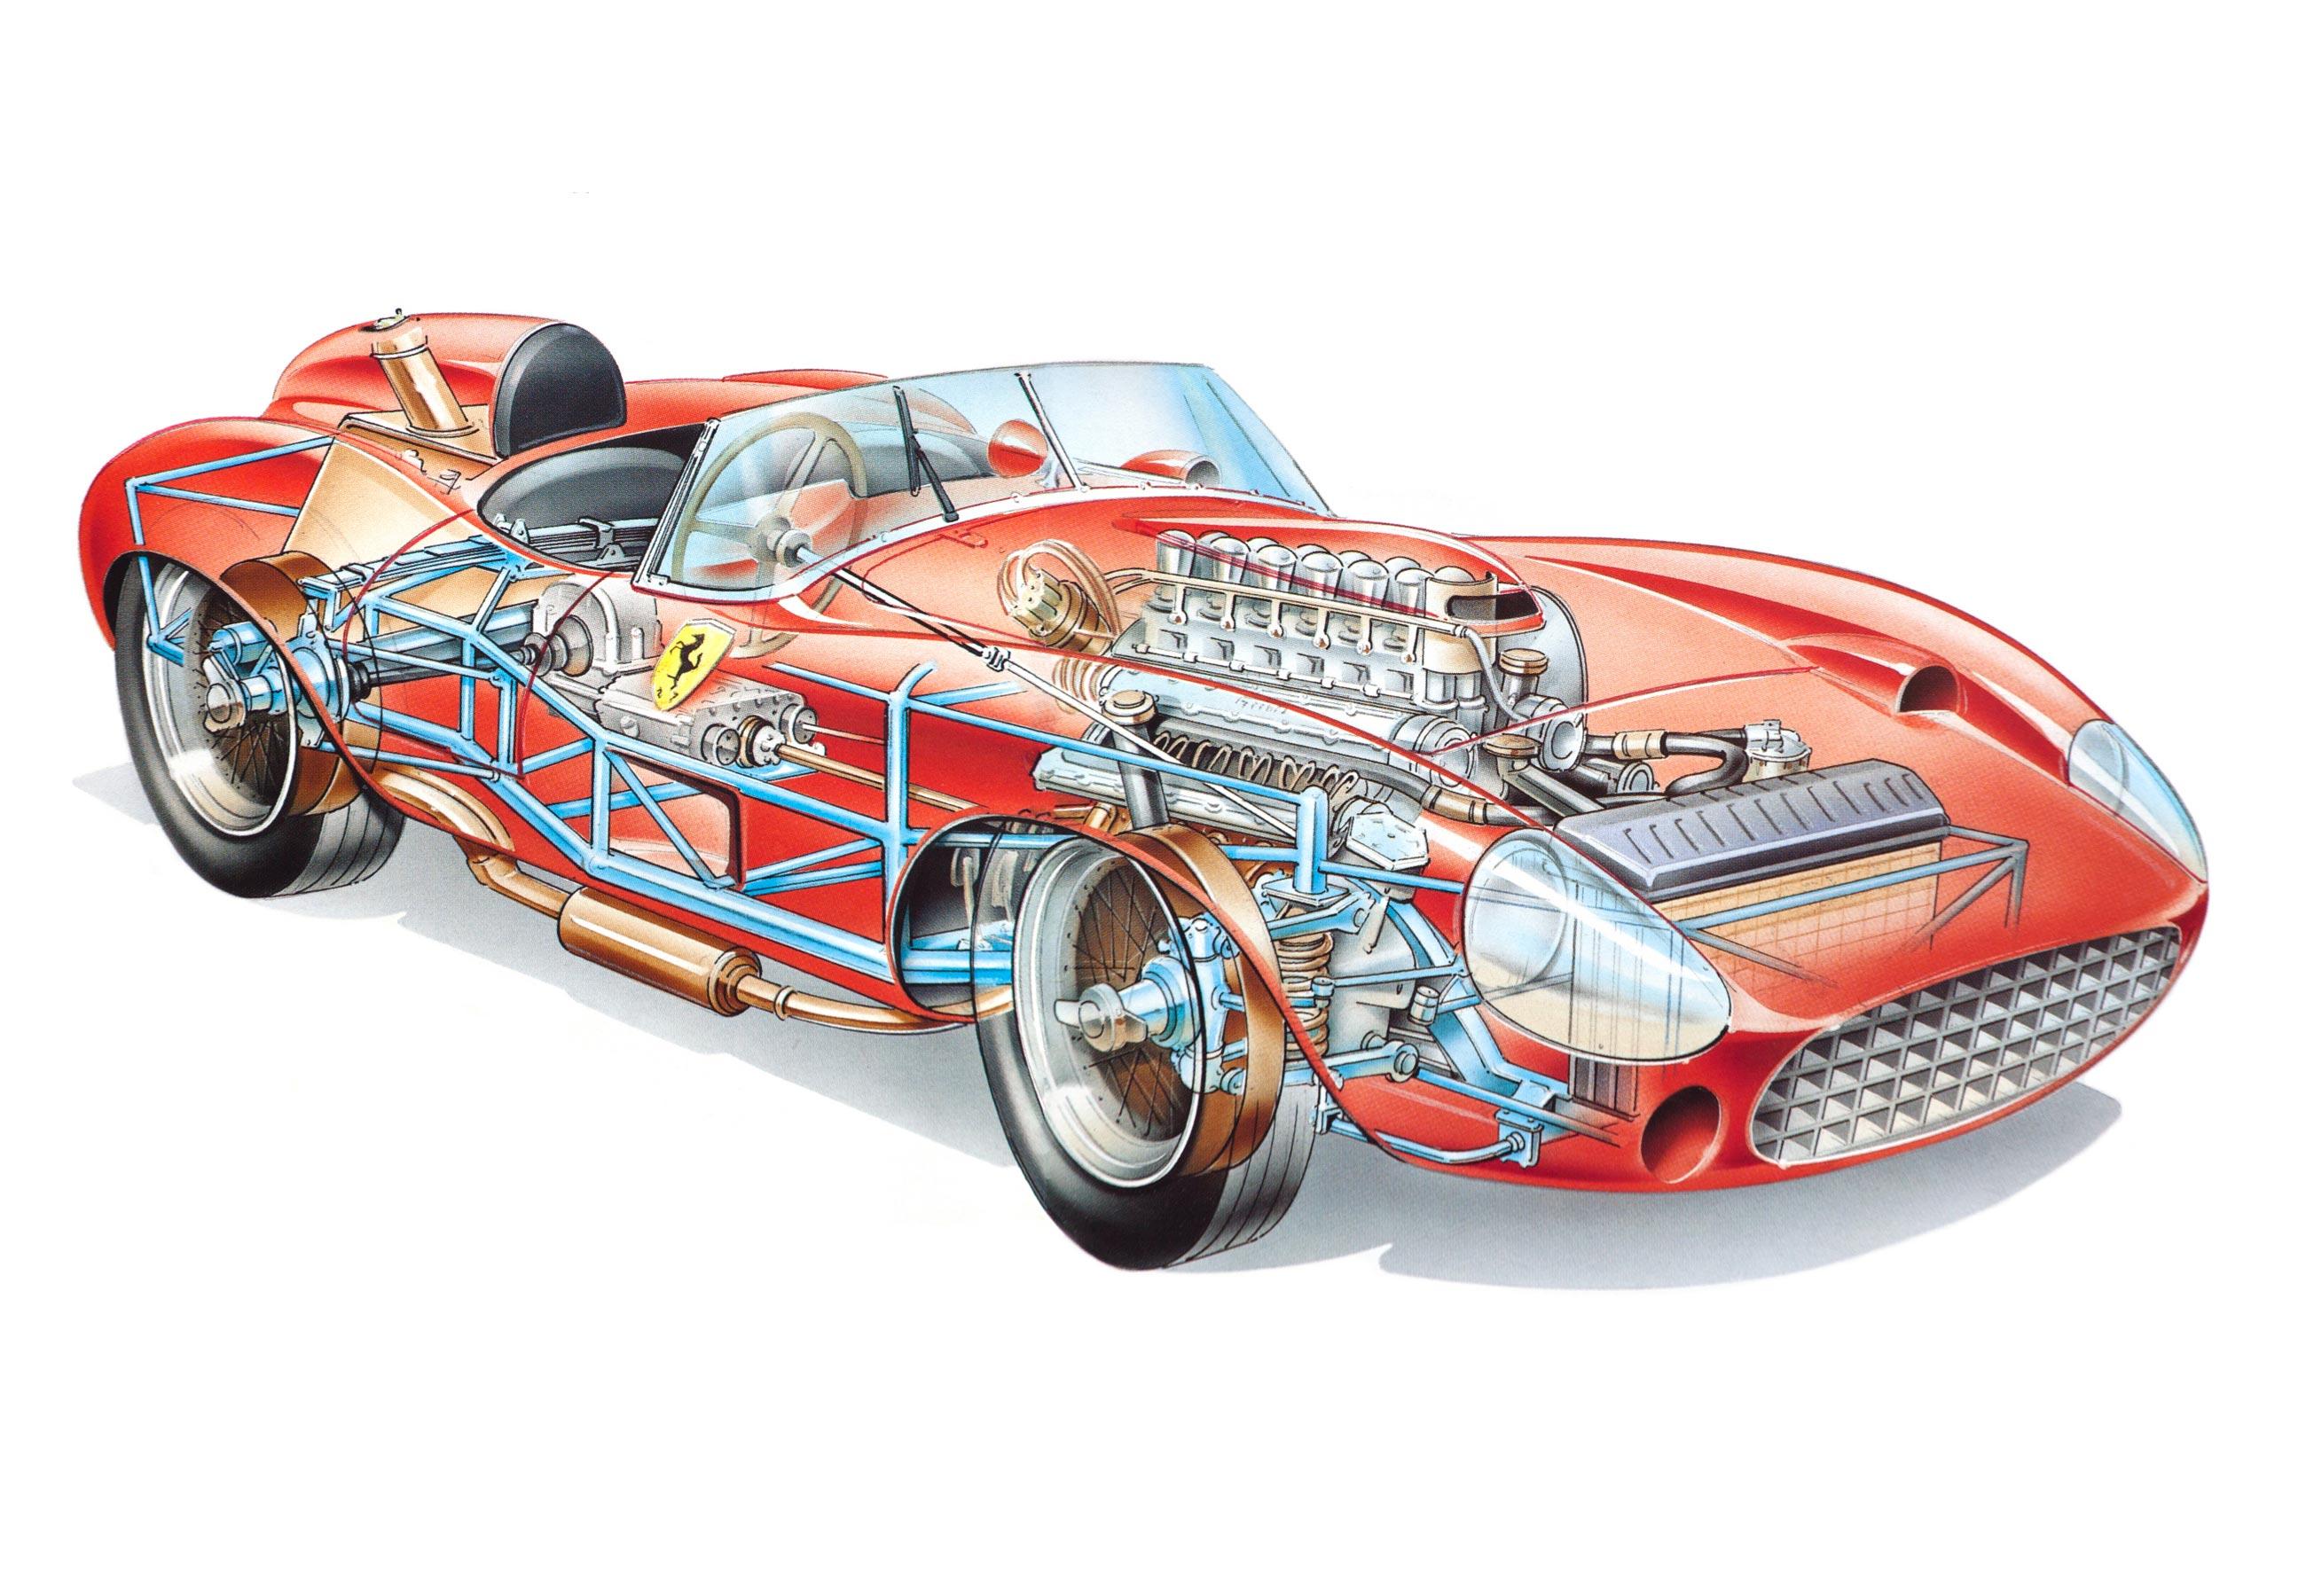 Ferrari 315 S Spyder cutaway drawing